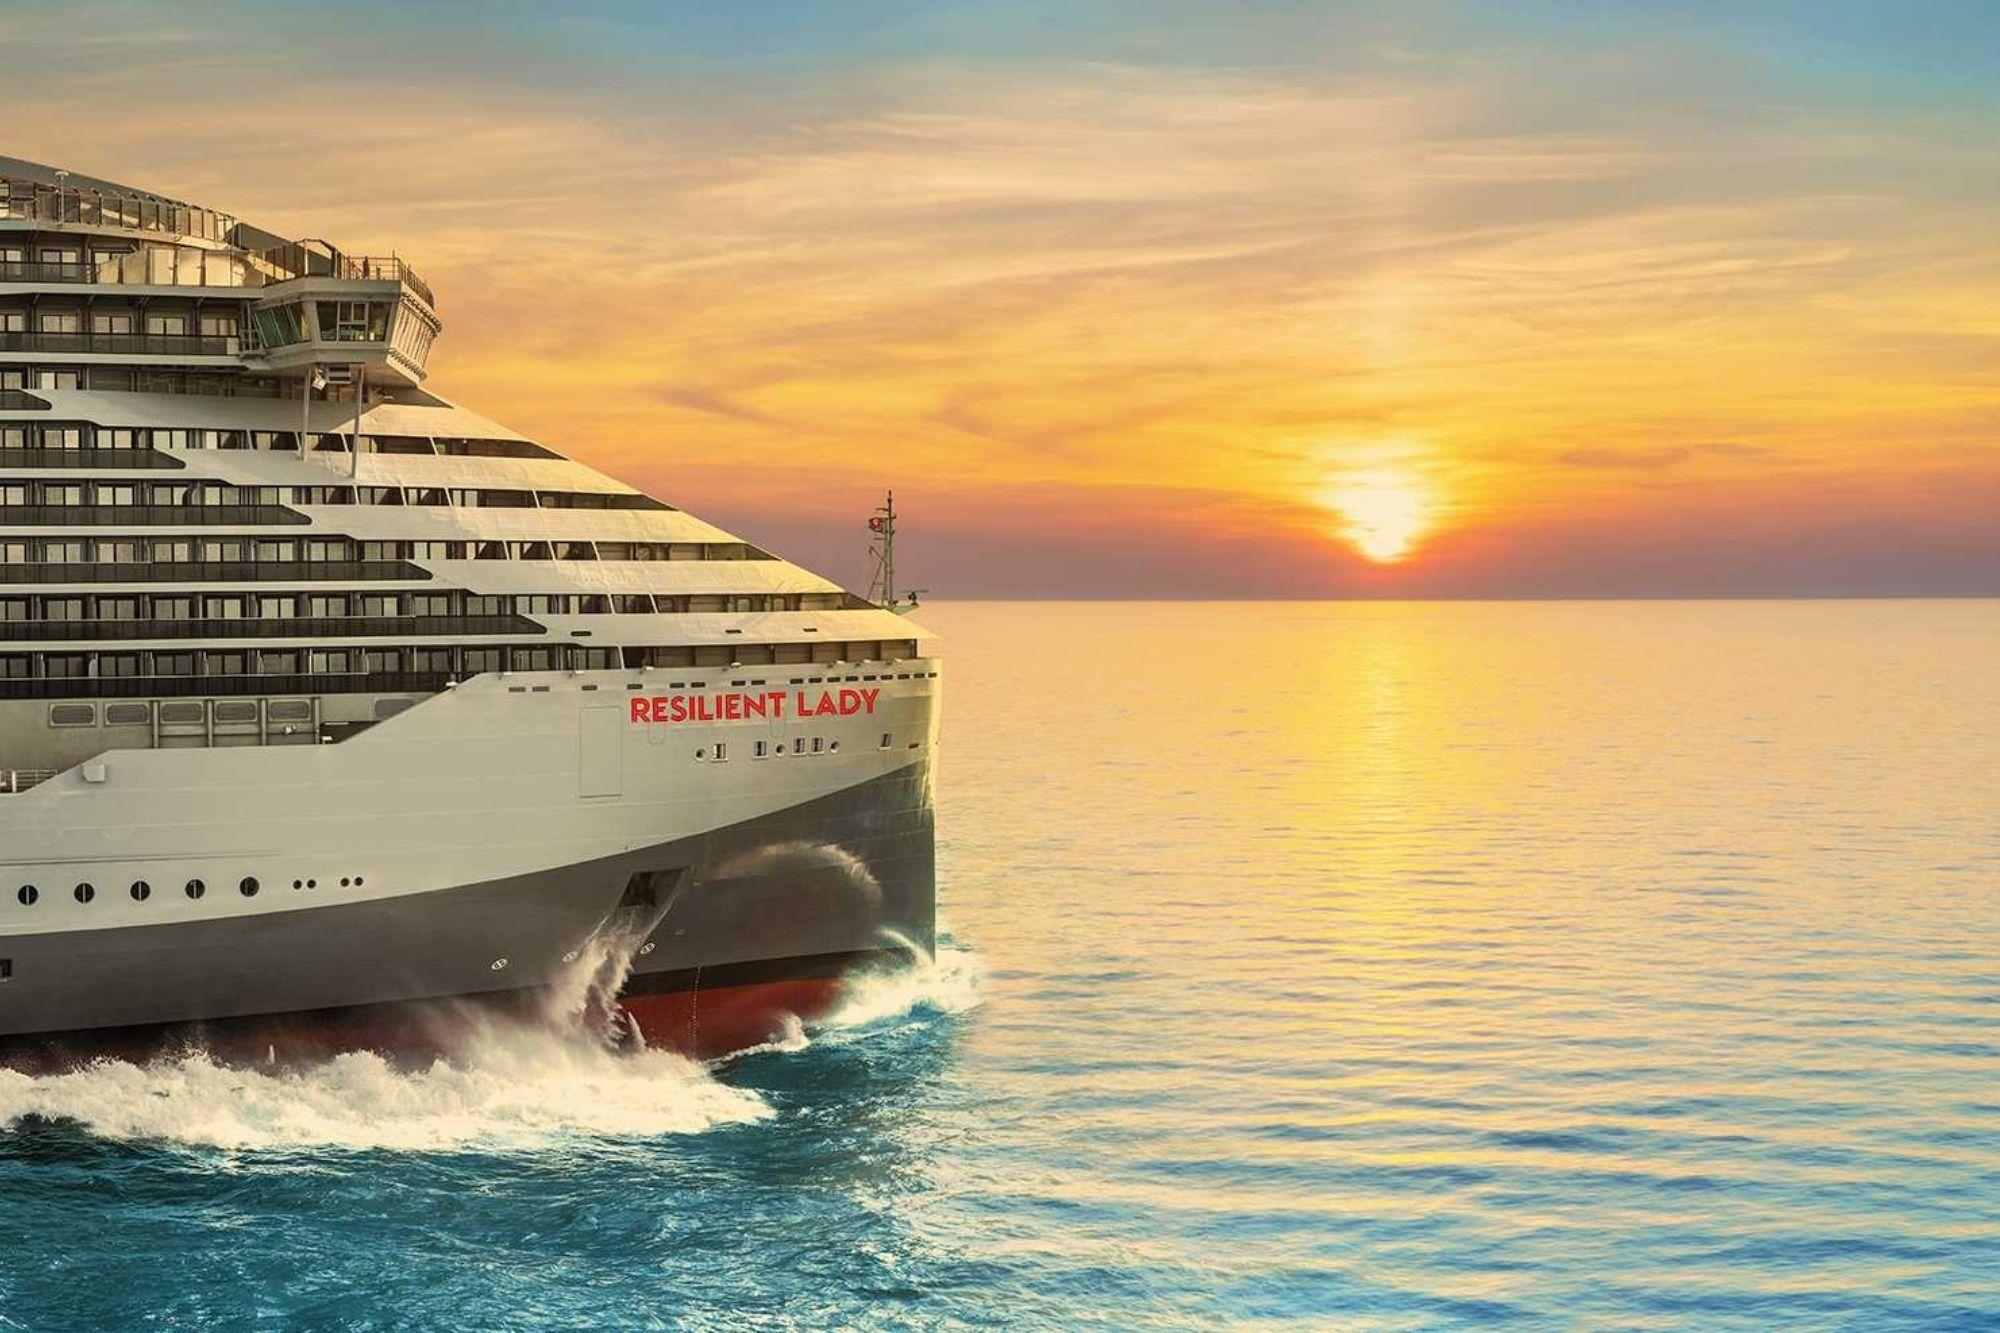 Dritter Virgin Voyages-Neubau wird ,,Resilient Lady'' heißen